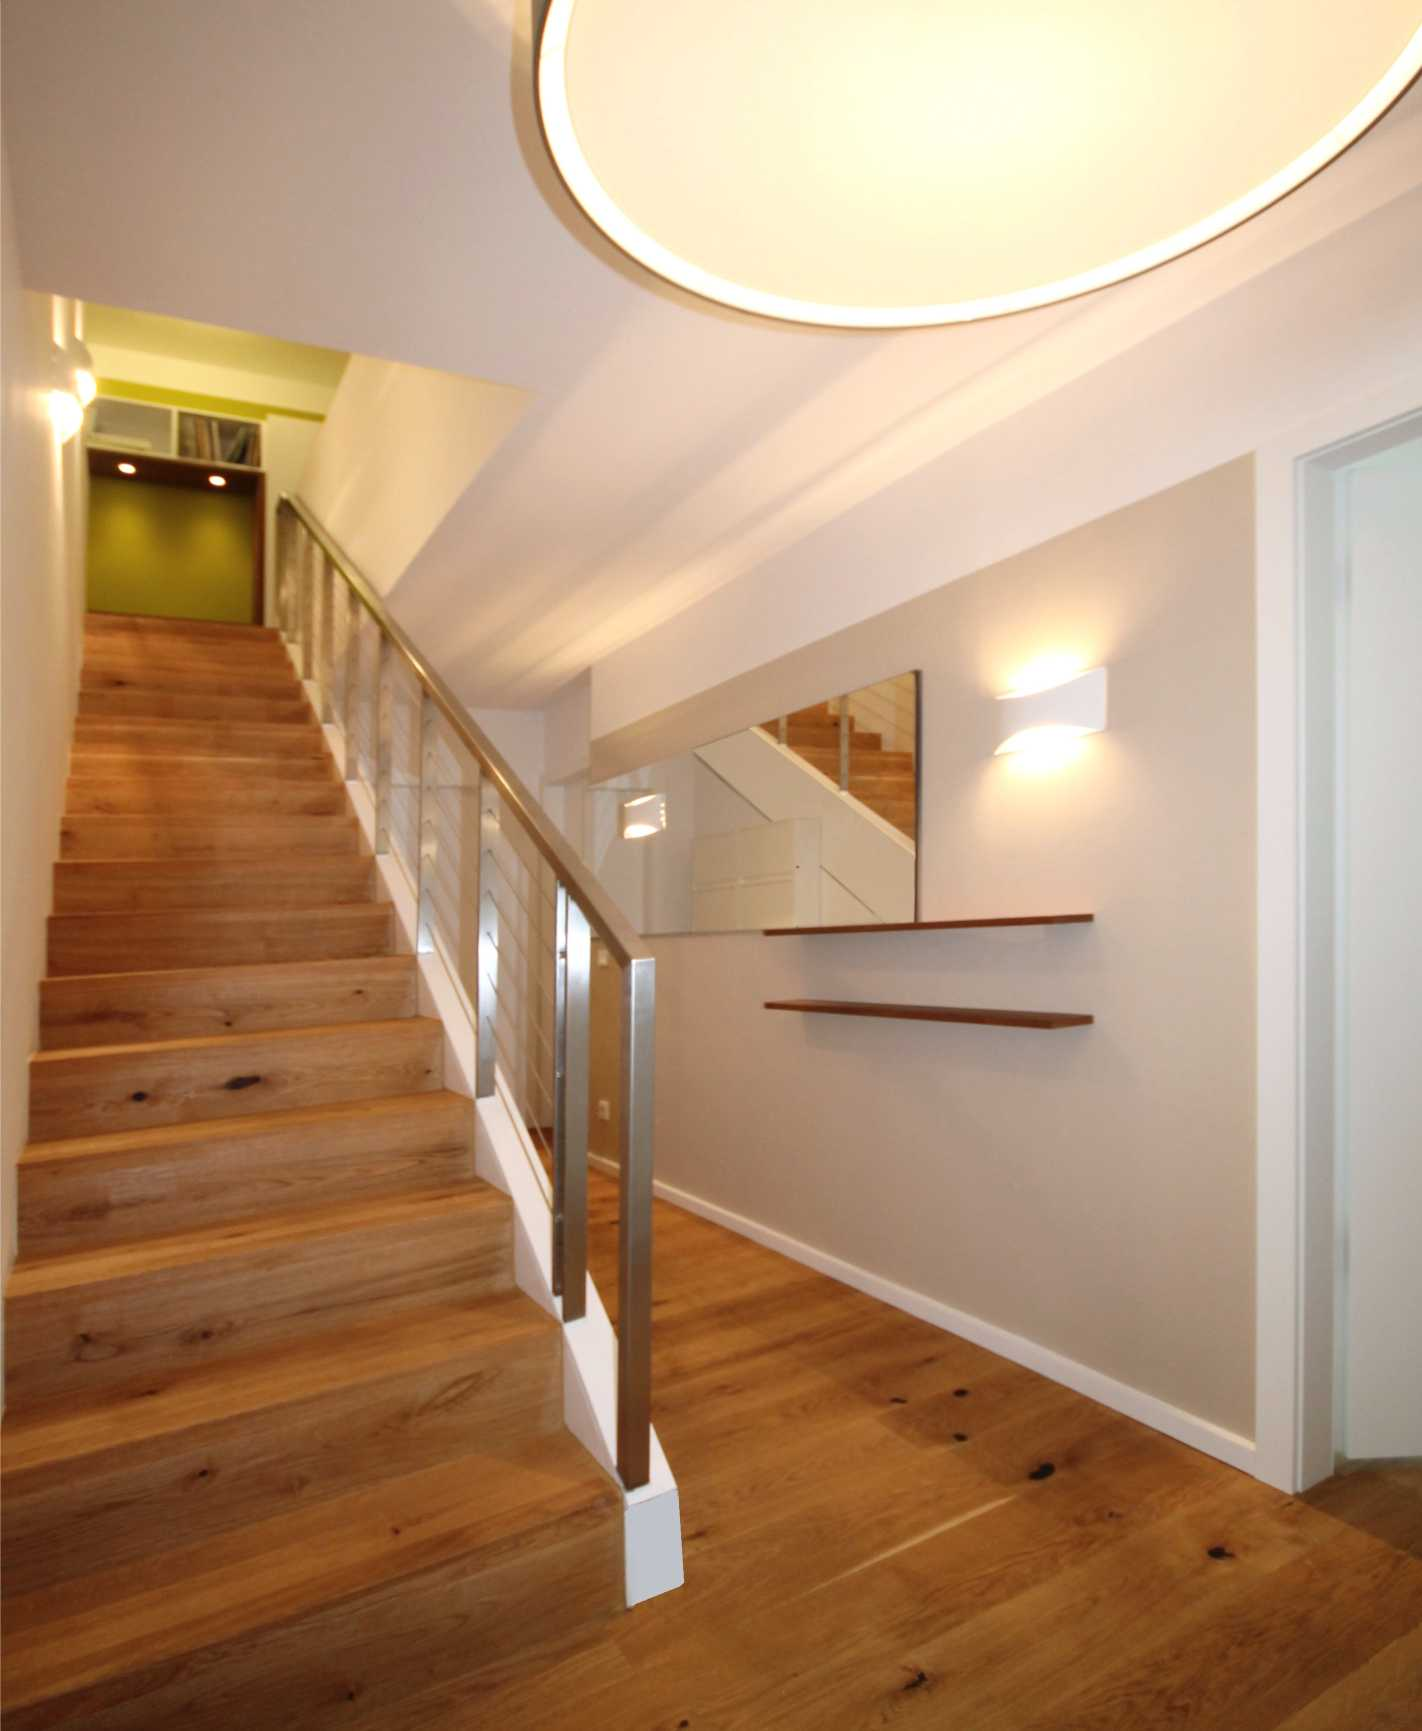 eswerderaum innenarchitekt m nchen treppe eswerderaum. Black Bedroom Furniture Sets. Home Design Ideas